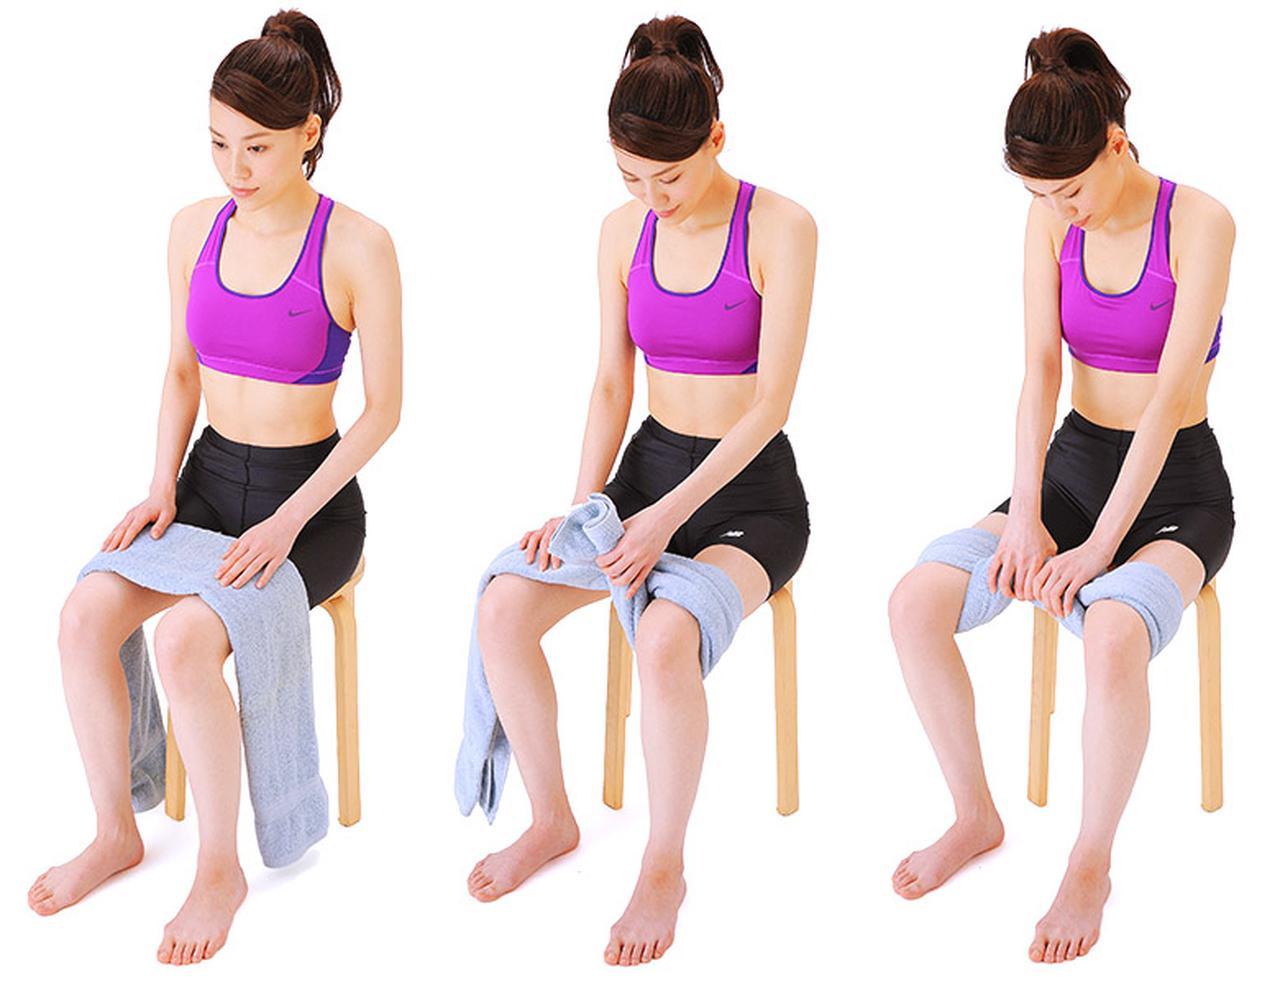 画像1: 股関節の痛みは「筋肉」を鍛えて改善!歩けなくなる前に始めたい体操を紹介